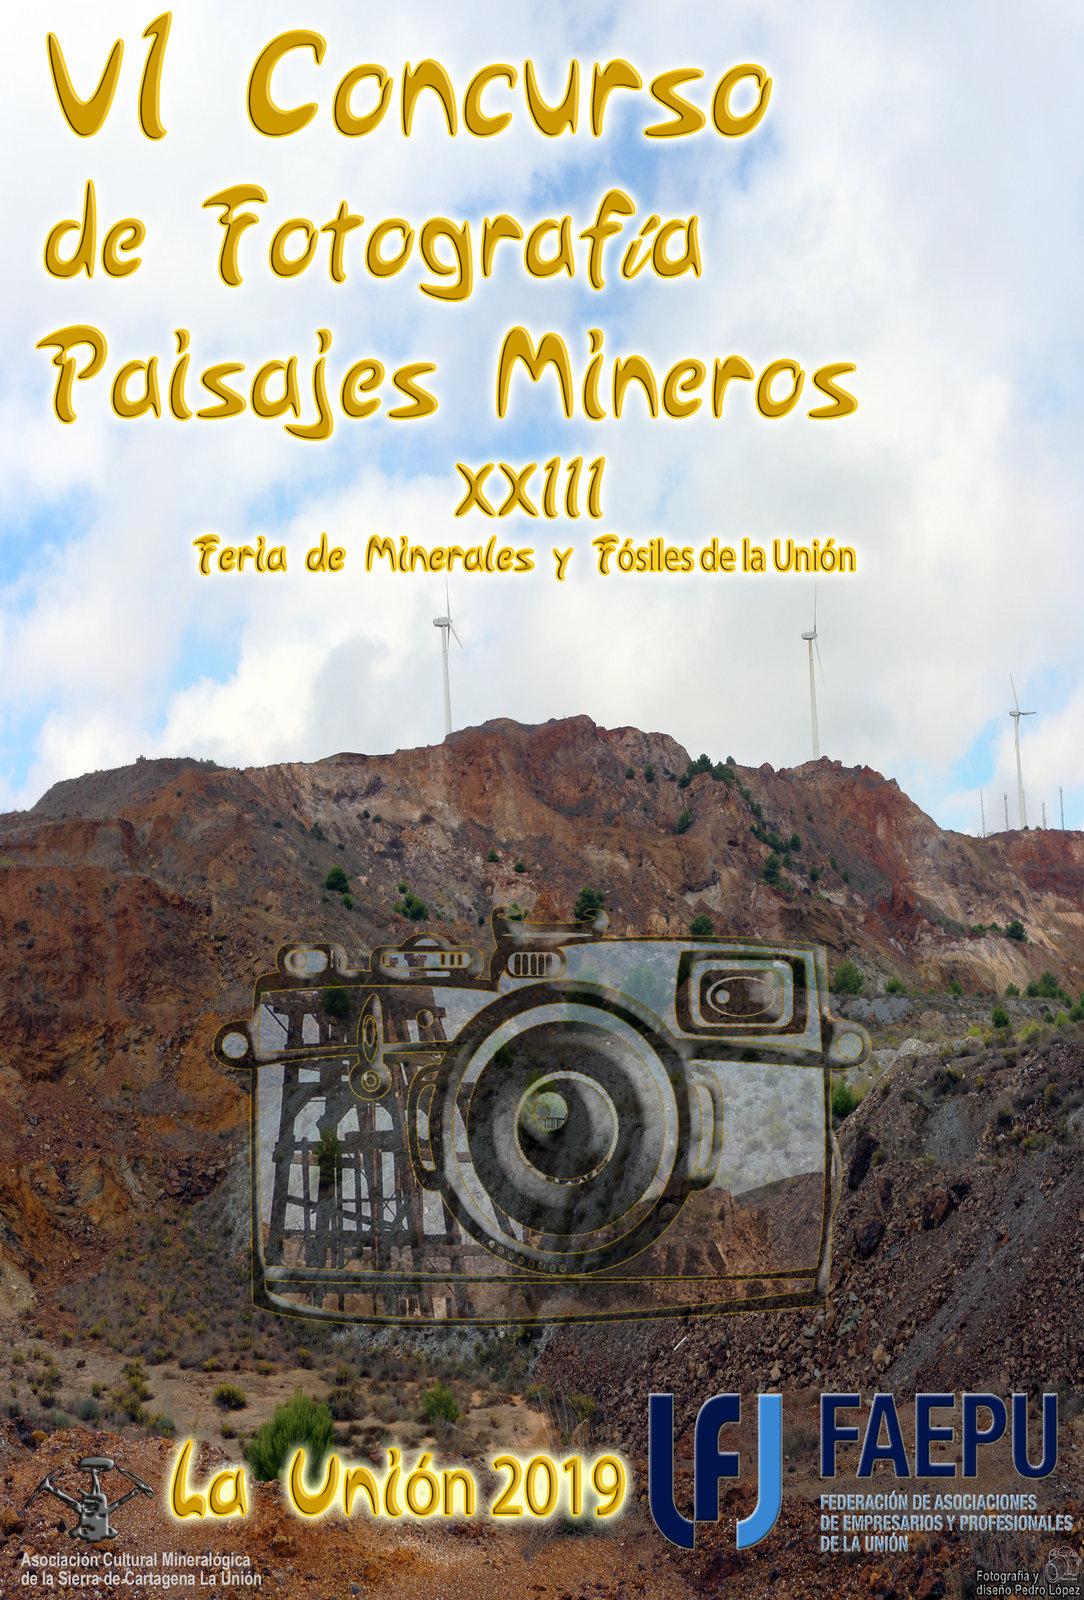 Cartel del VI Concurso de fotografía Paisaje Minero de la Sierra Cartagena-La Unión, con FAEPU